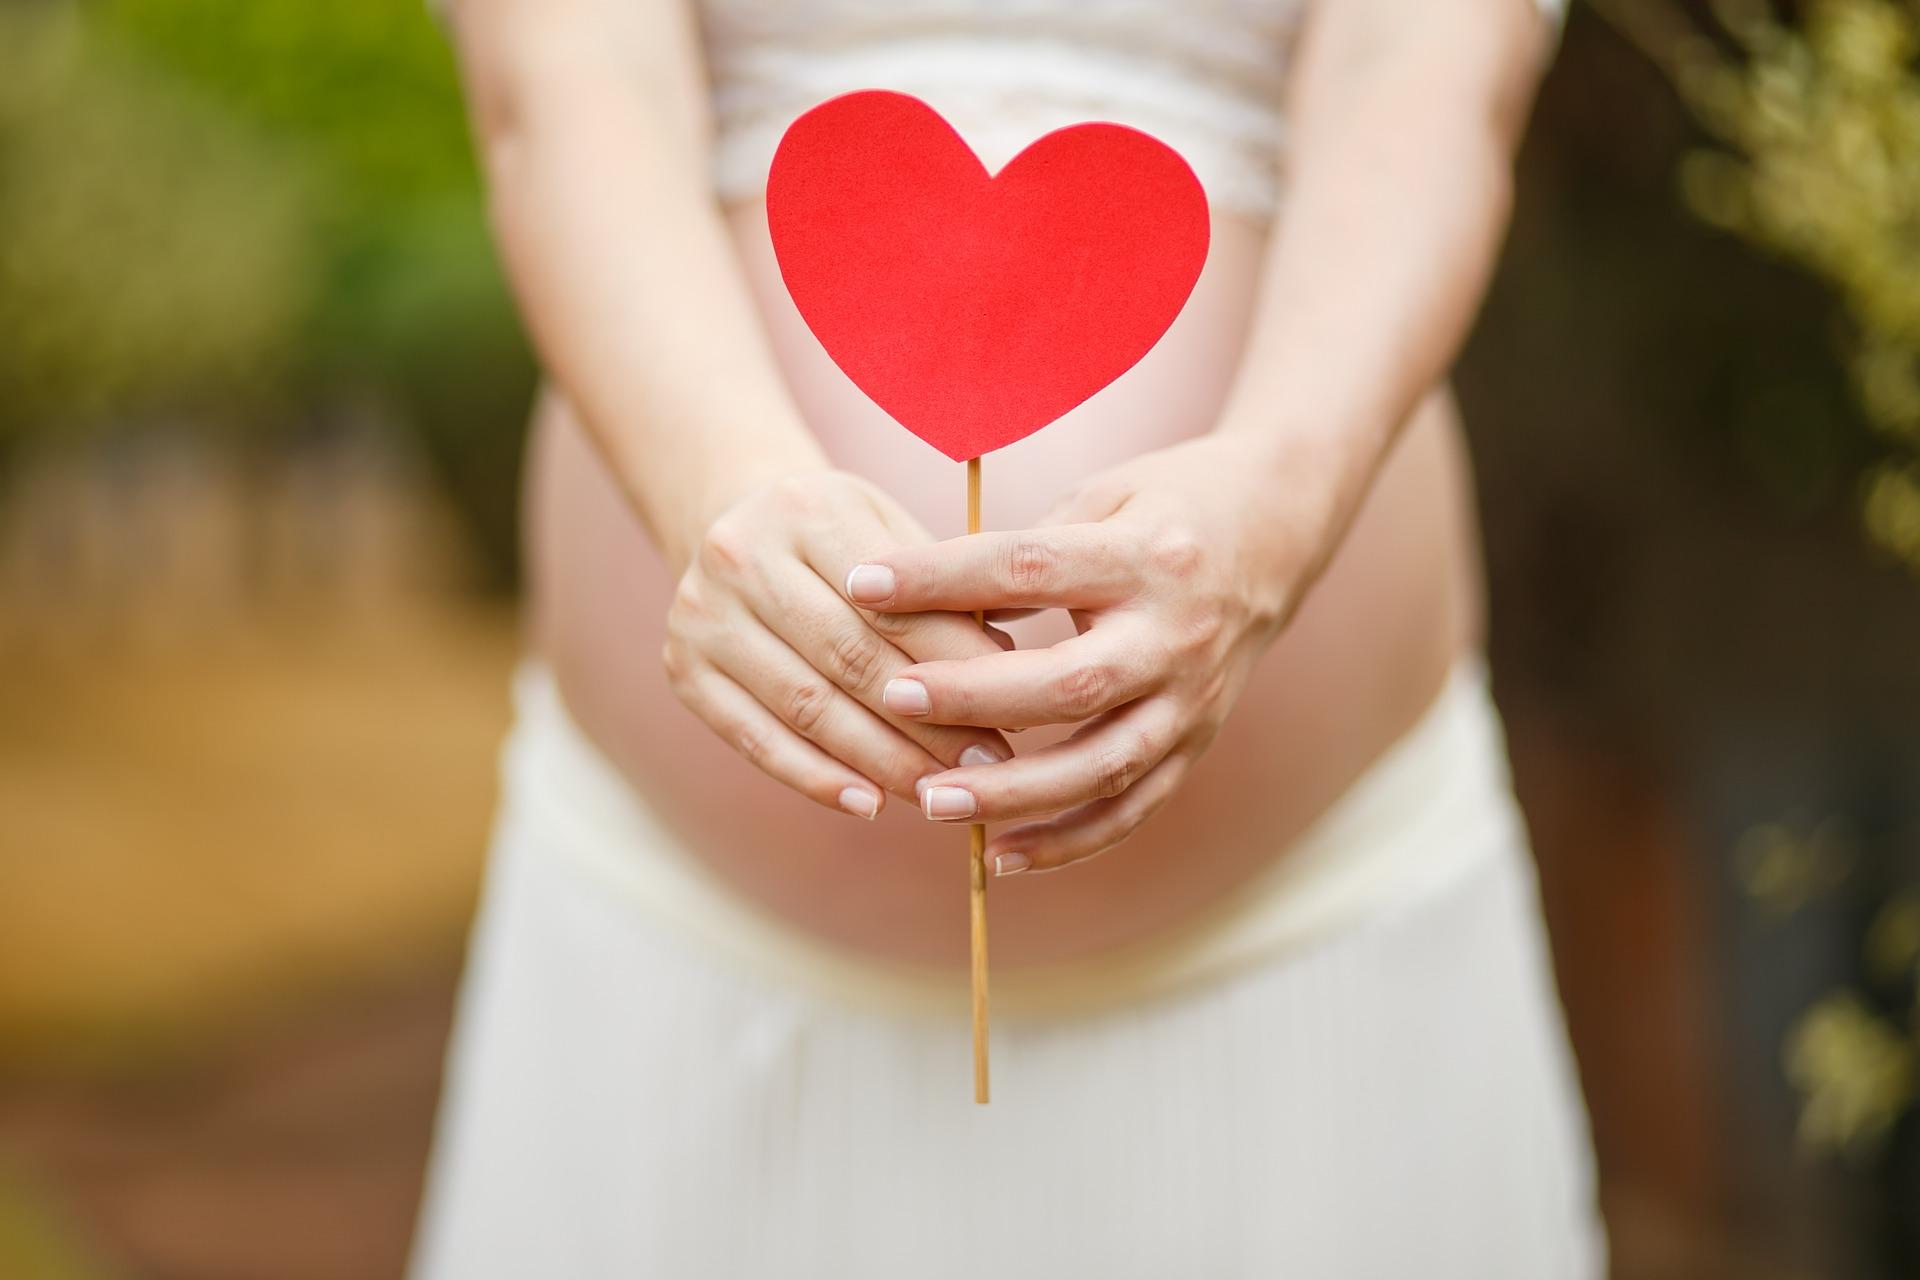 La cosa più importante èvivere questo momento di cambiamenti con grande serenità, perchè la gravidanza è un'esperienza unica e meravigliosa… - Dopo il parto, in tempi dovuti, la pelle tornerà equilibrata ed elastica come prima.